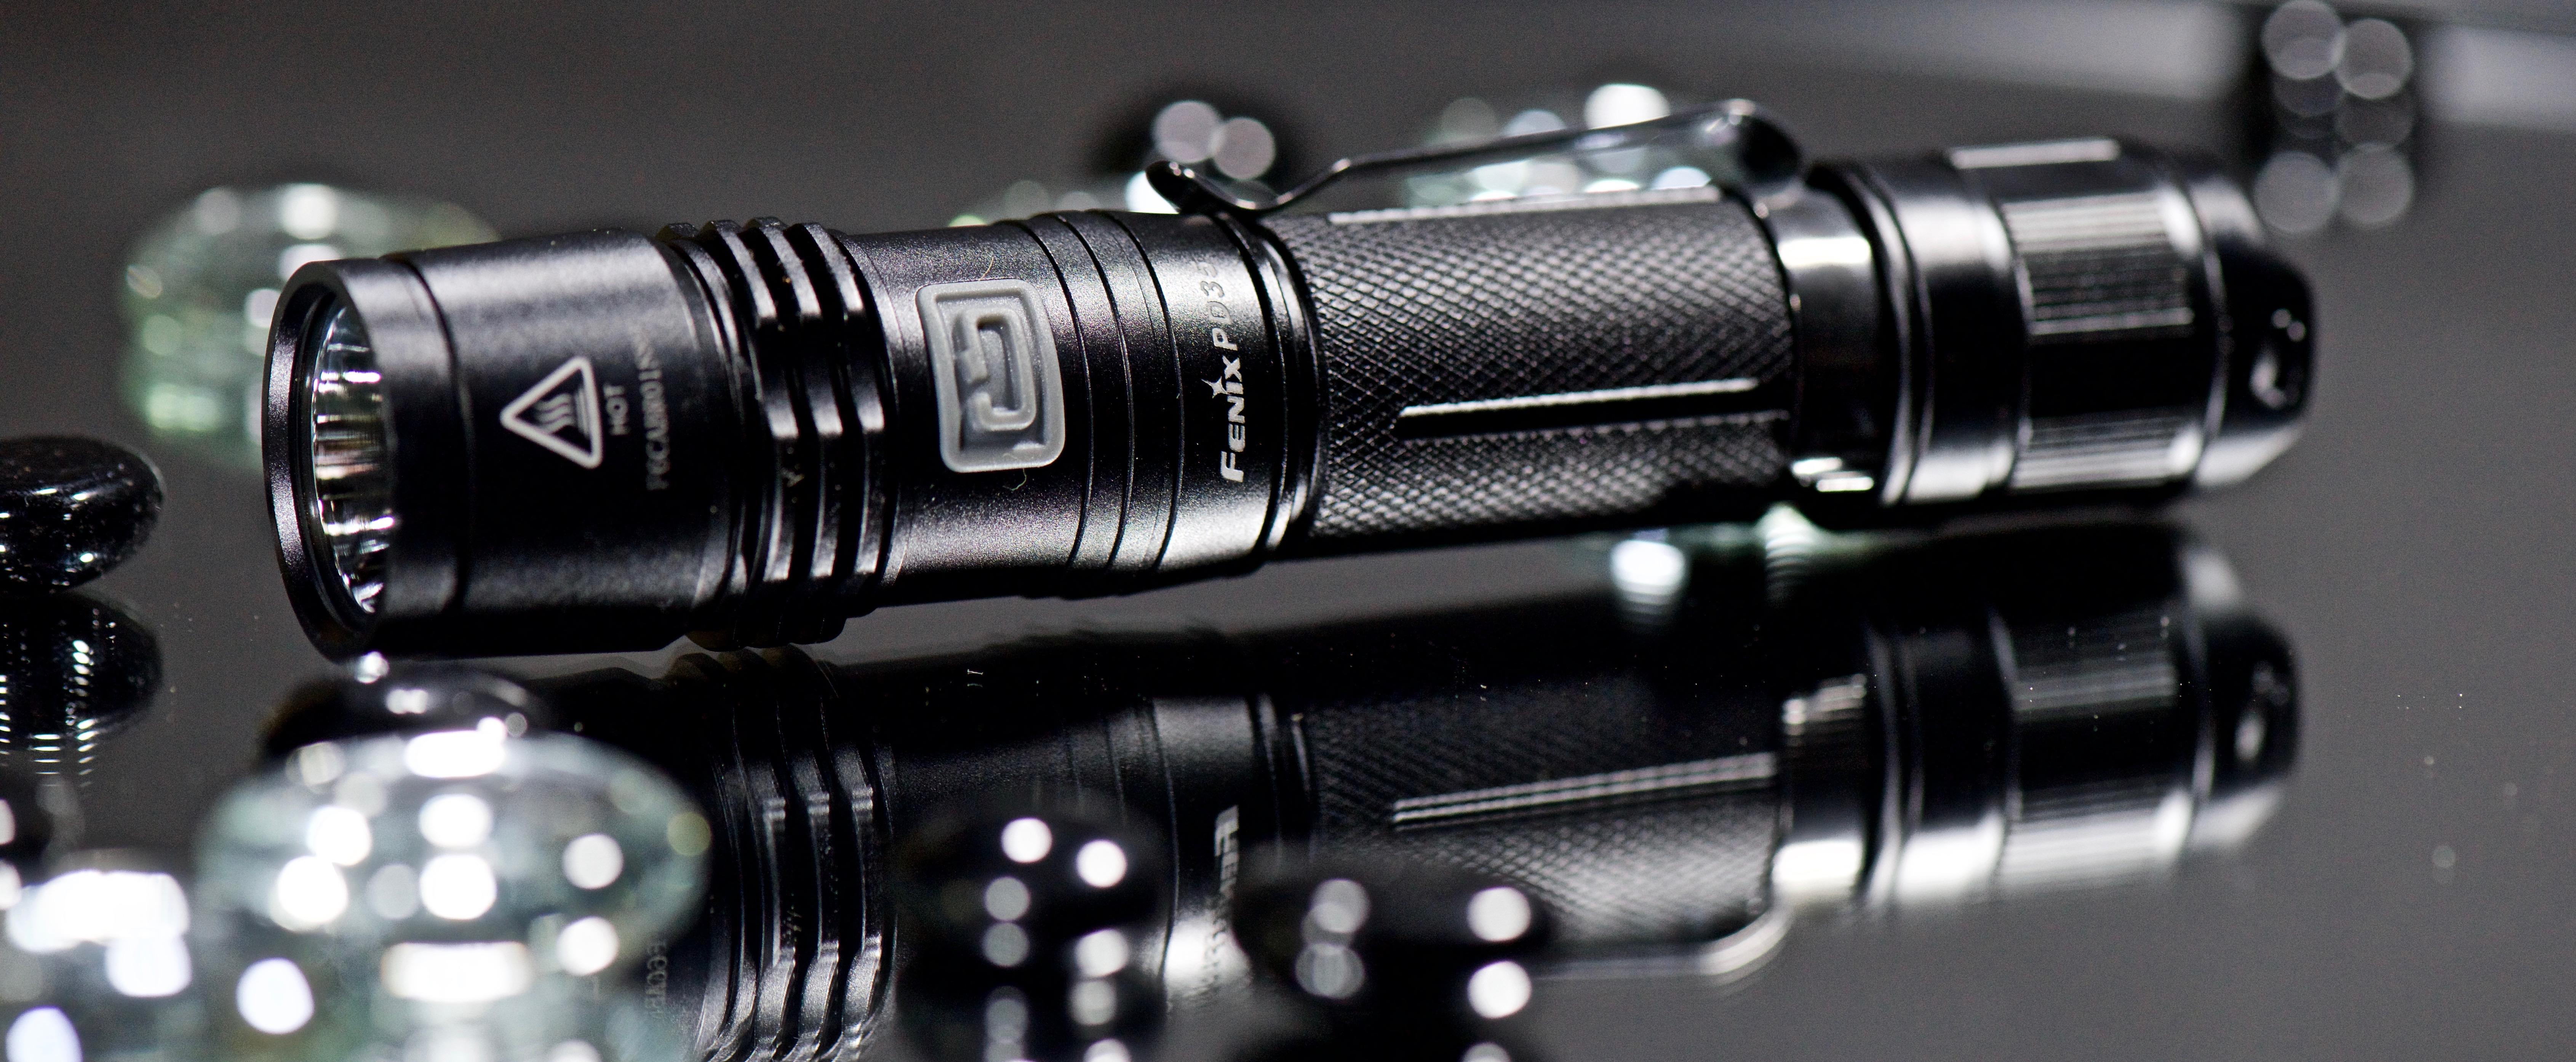 Fenix Flashlights - Everyday Carry Gear